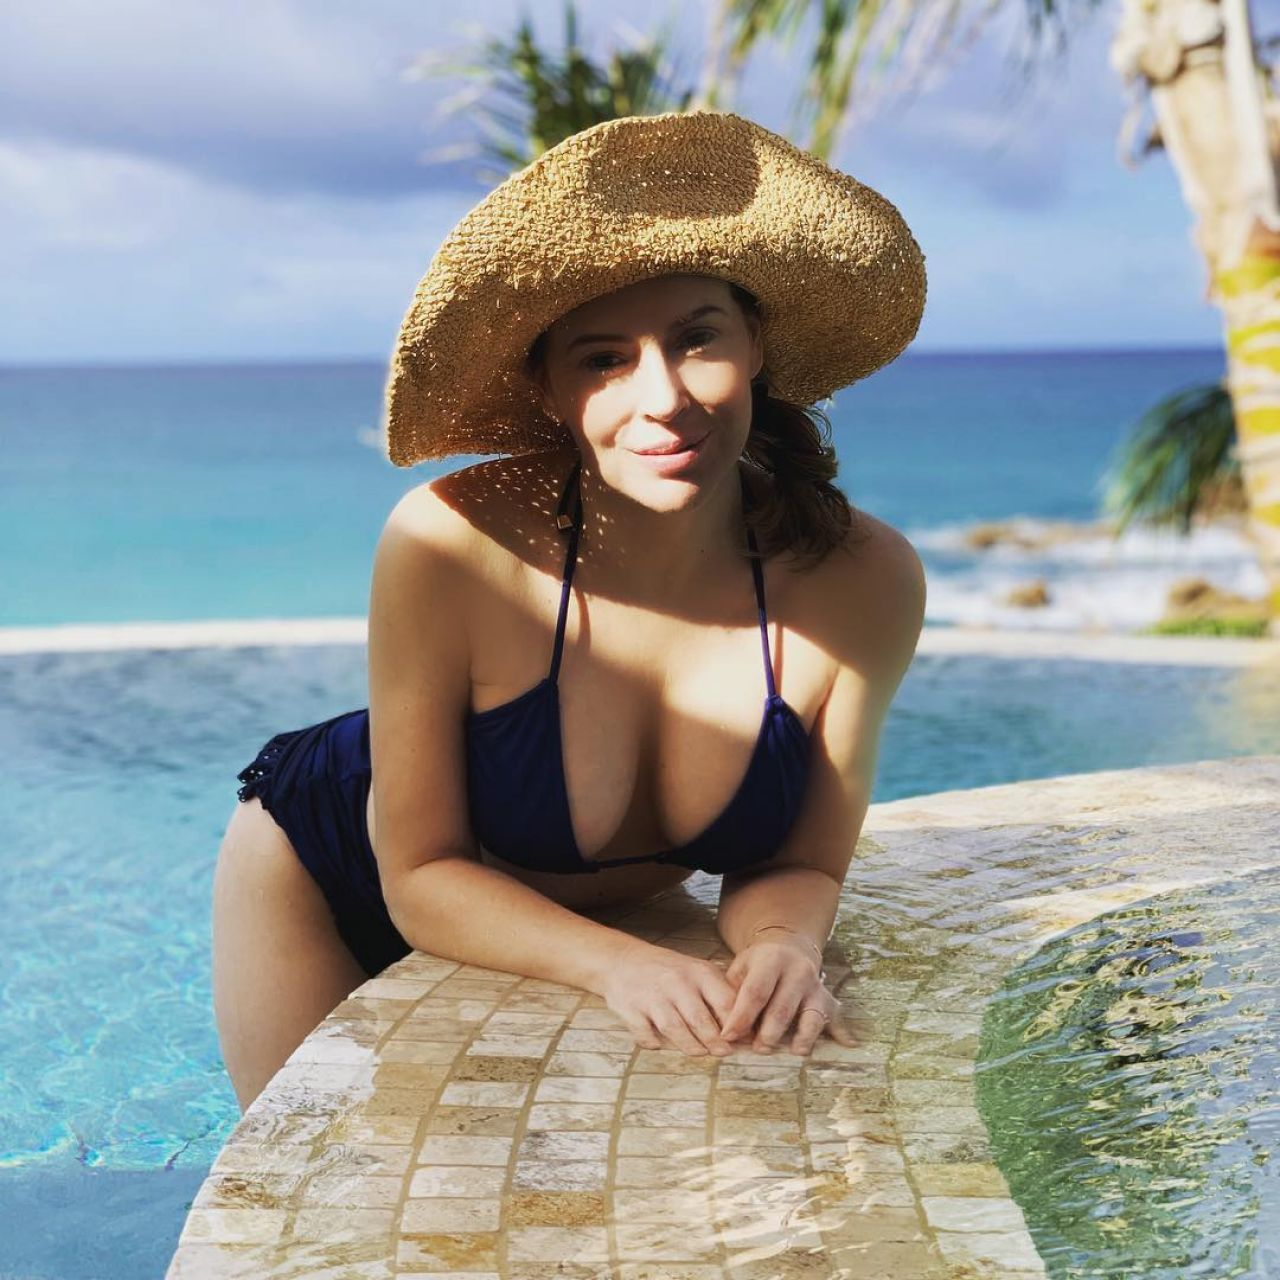 Alyssa Milano In Bikini Personal Pics 12 04 2018